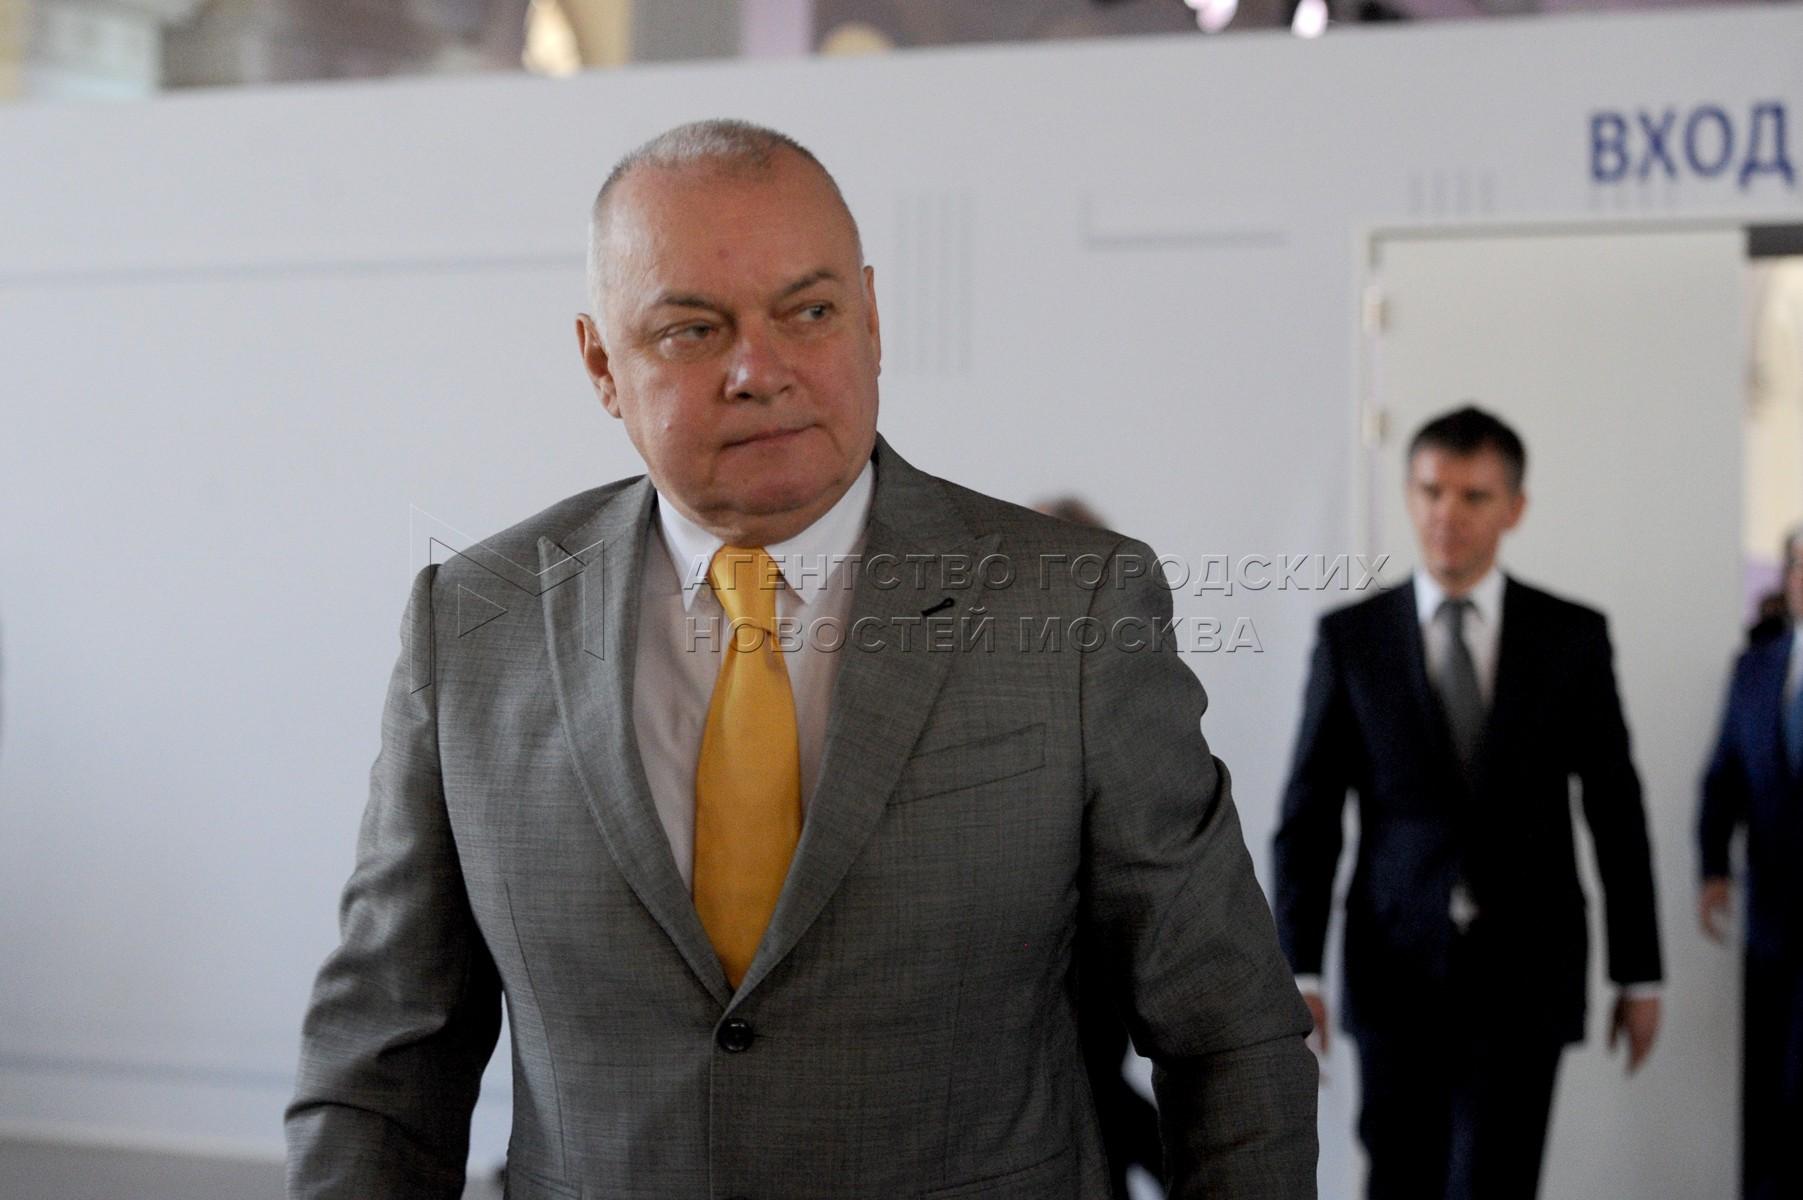 Телеведущий Дмитрий Киселев во время ежегодного послания президента РФ Федеральному собранию в центральном выставочном зале «Манеж».